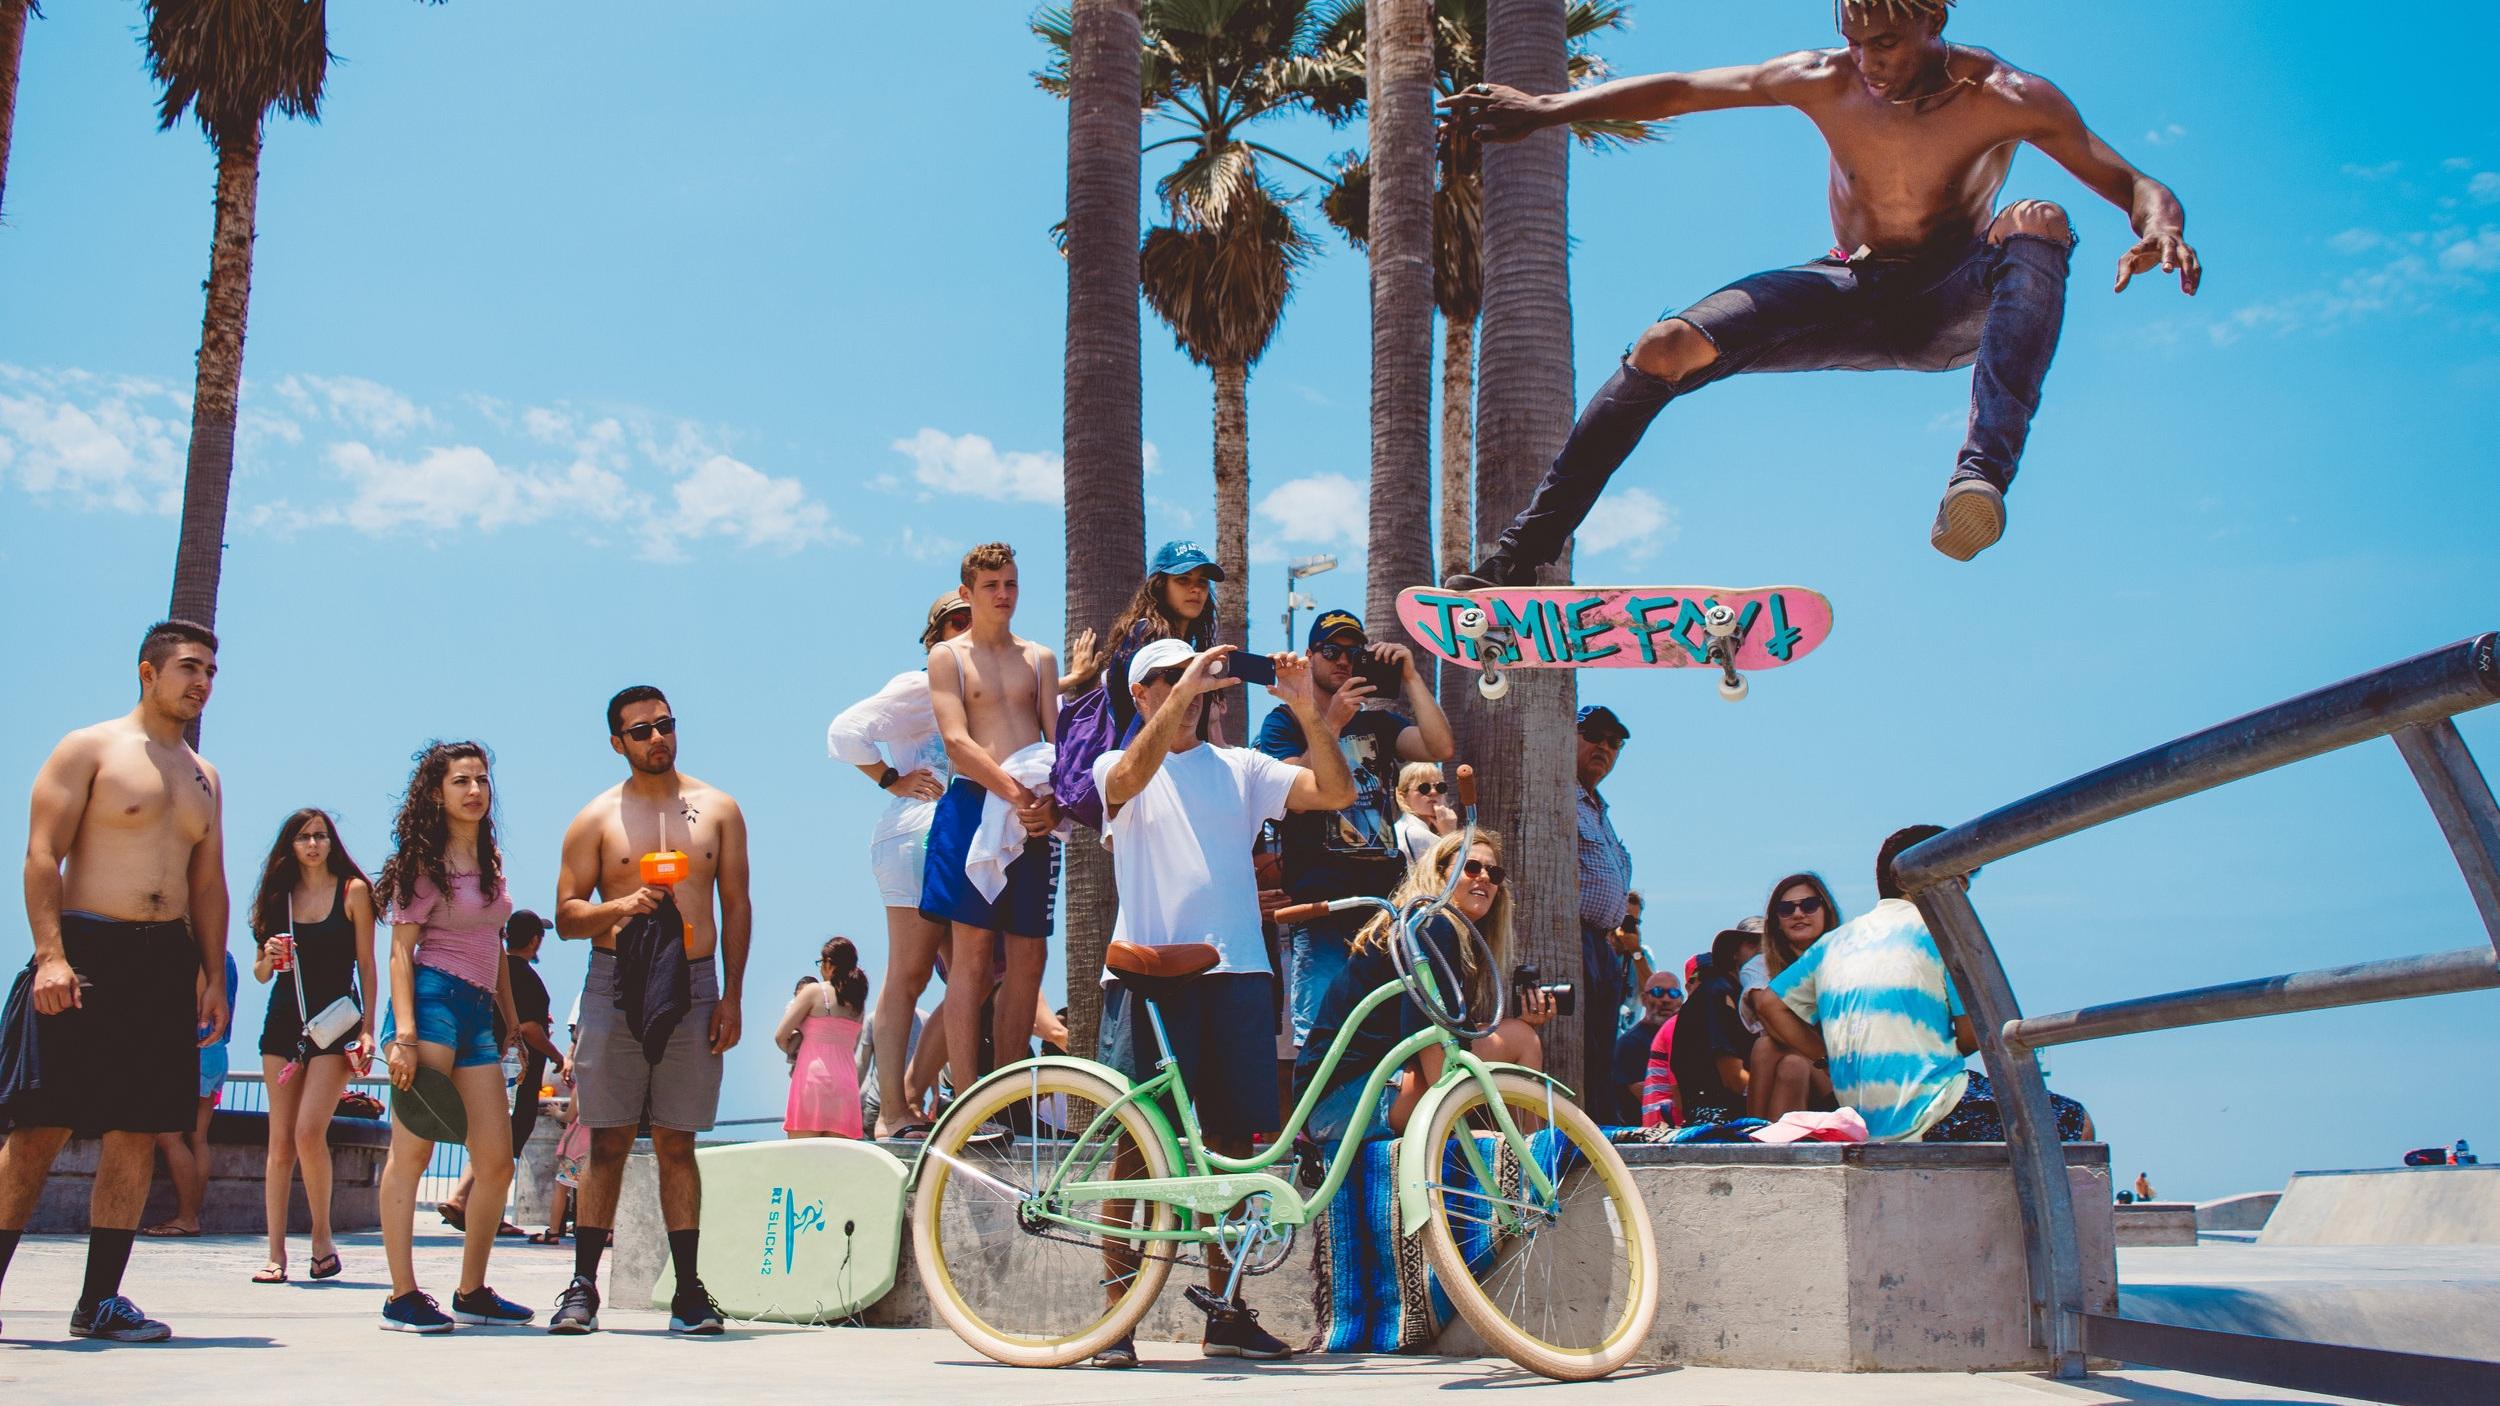 Venice Beach - Stilla Havets vatten som rullar in mot stranden, Santa Monicas berg i fjärran och vackra palmer. Venice Beach tar dig bort från storstadsbruset och är både vackert, avslappnande och händelserikt på samma gång. Sola och bada, träna på kända Muscle beach eller shoppa på paradgatan Abbot Kinney Boulevard? Det är upp till dig.